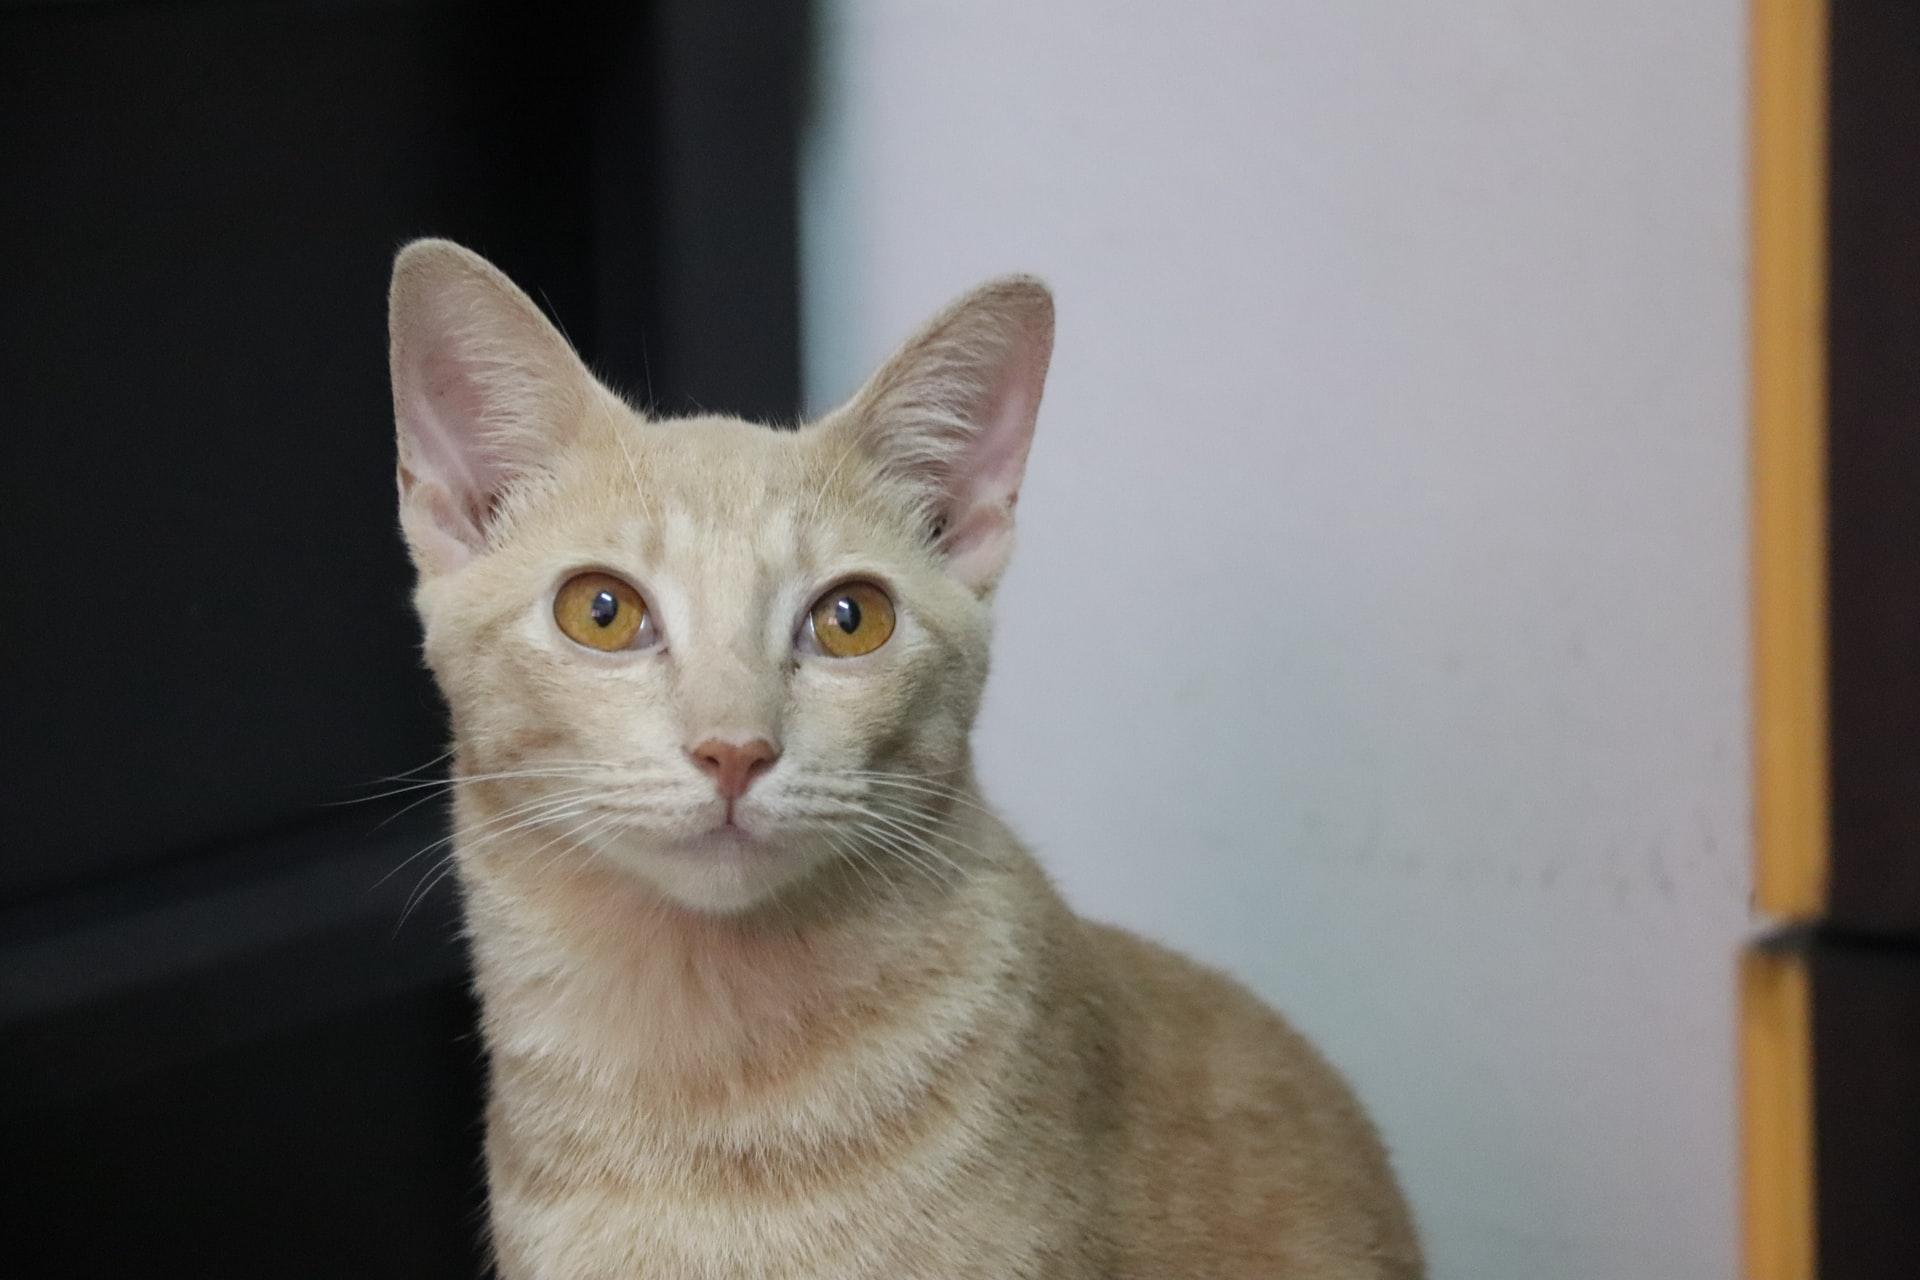 Singapura cat looking at camera